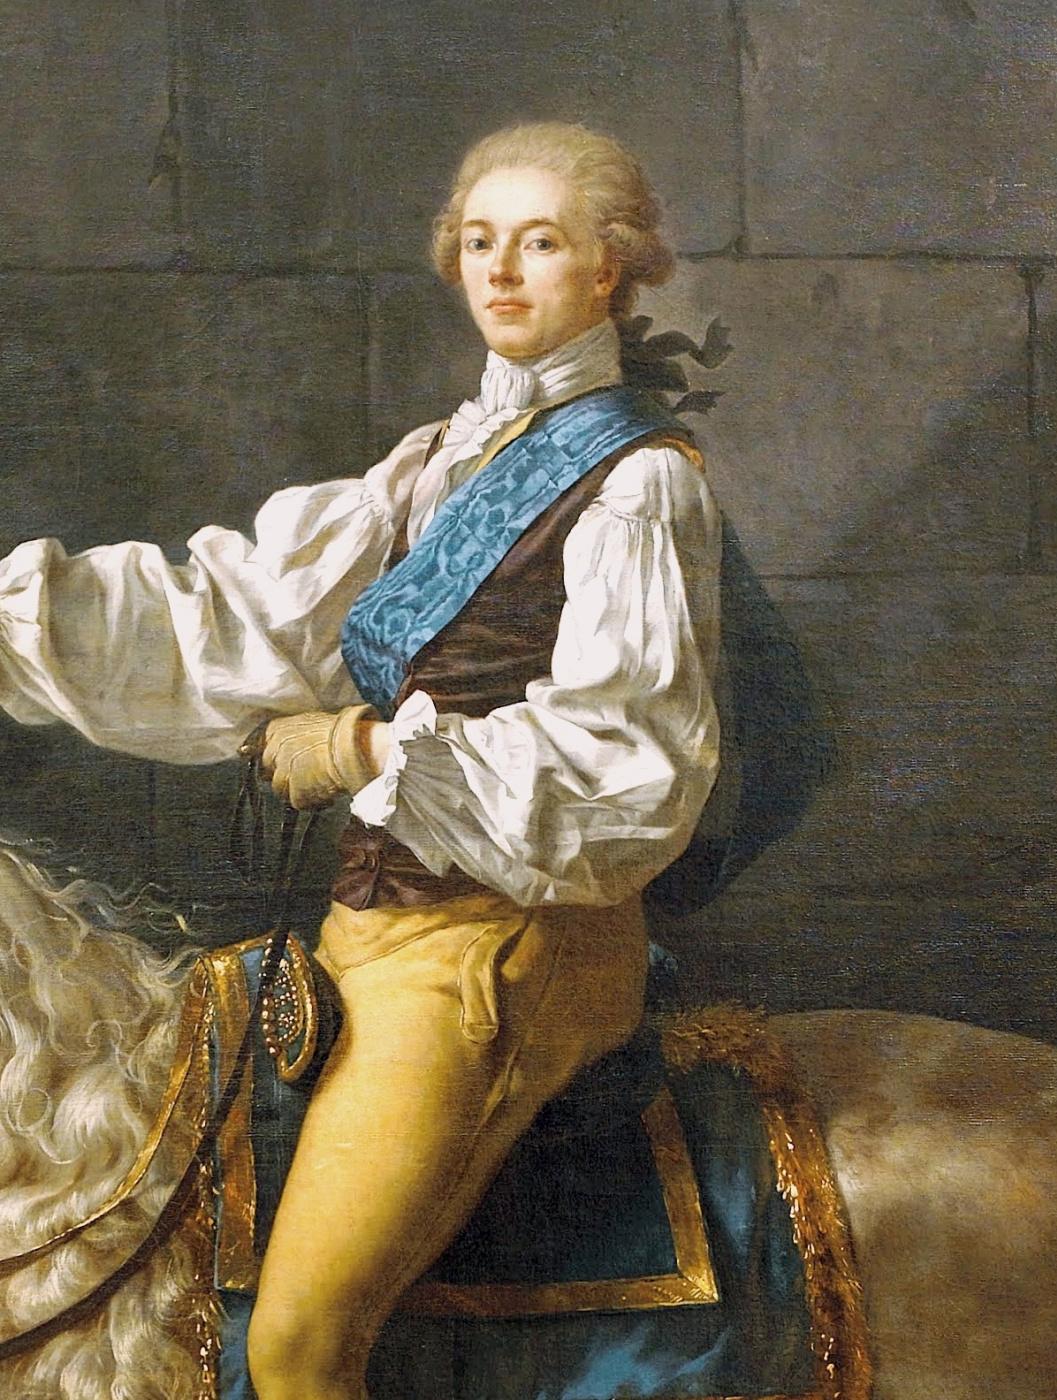 Jacques-Louis David. Portrait of count Potocki. Fragment II